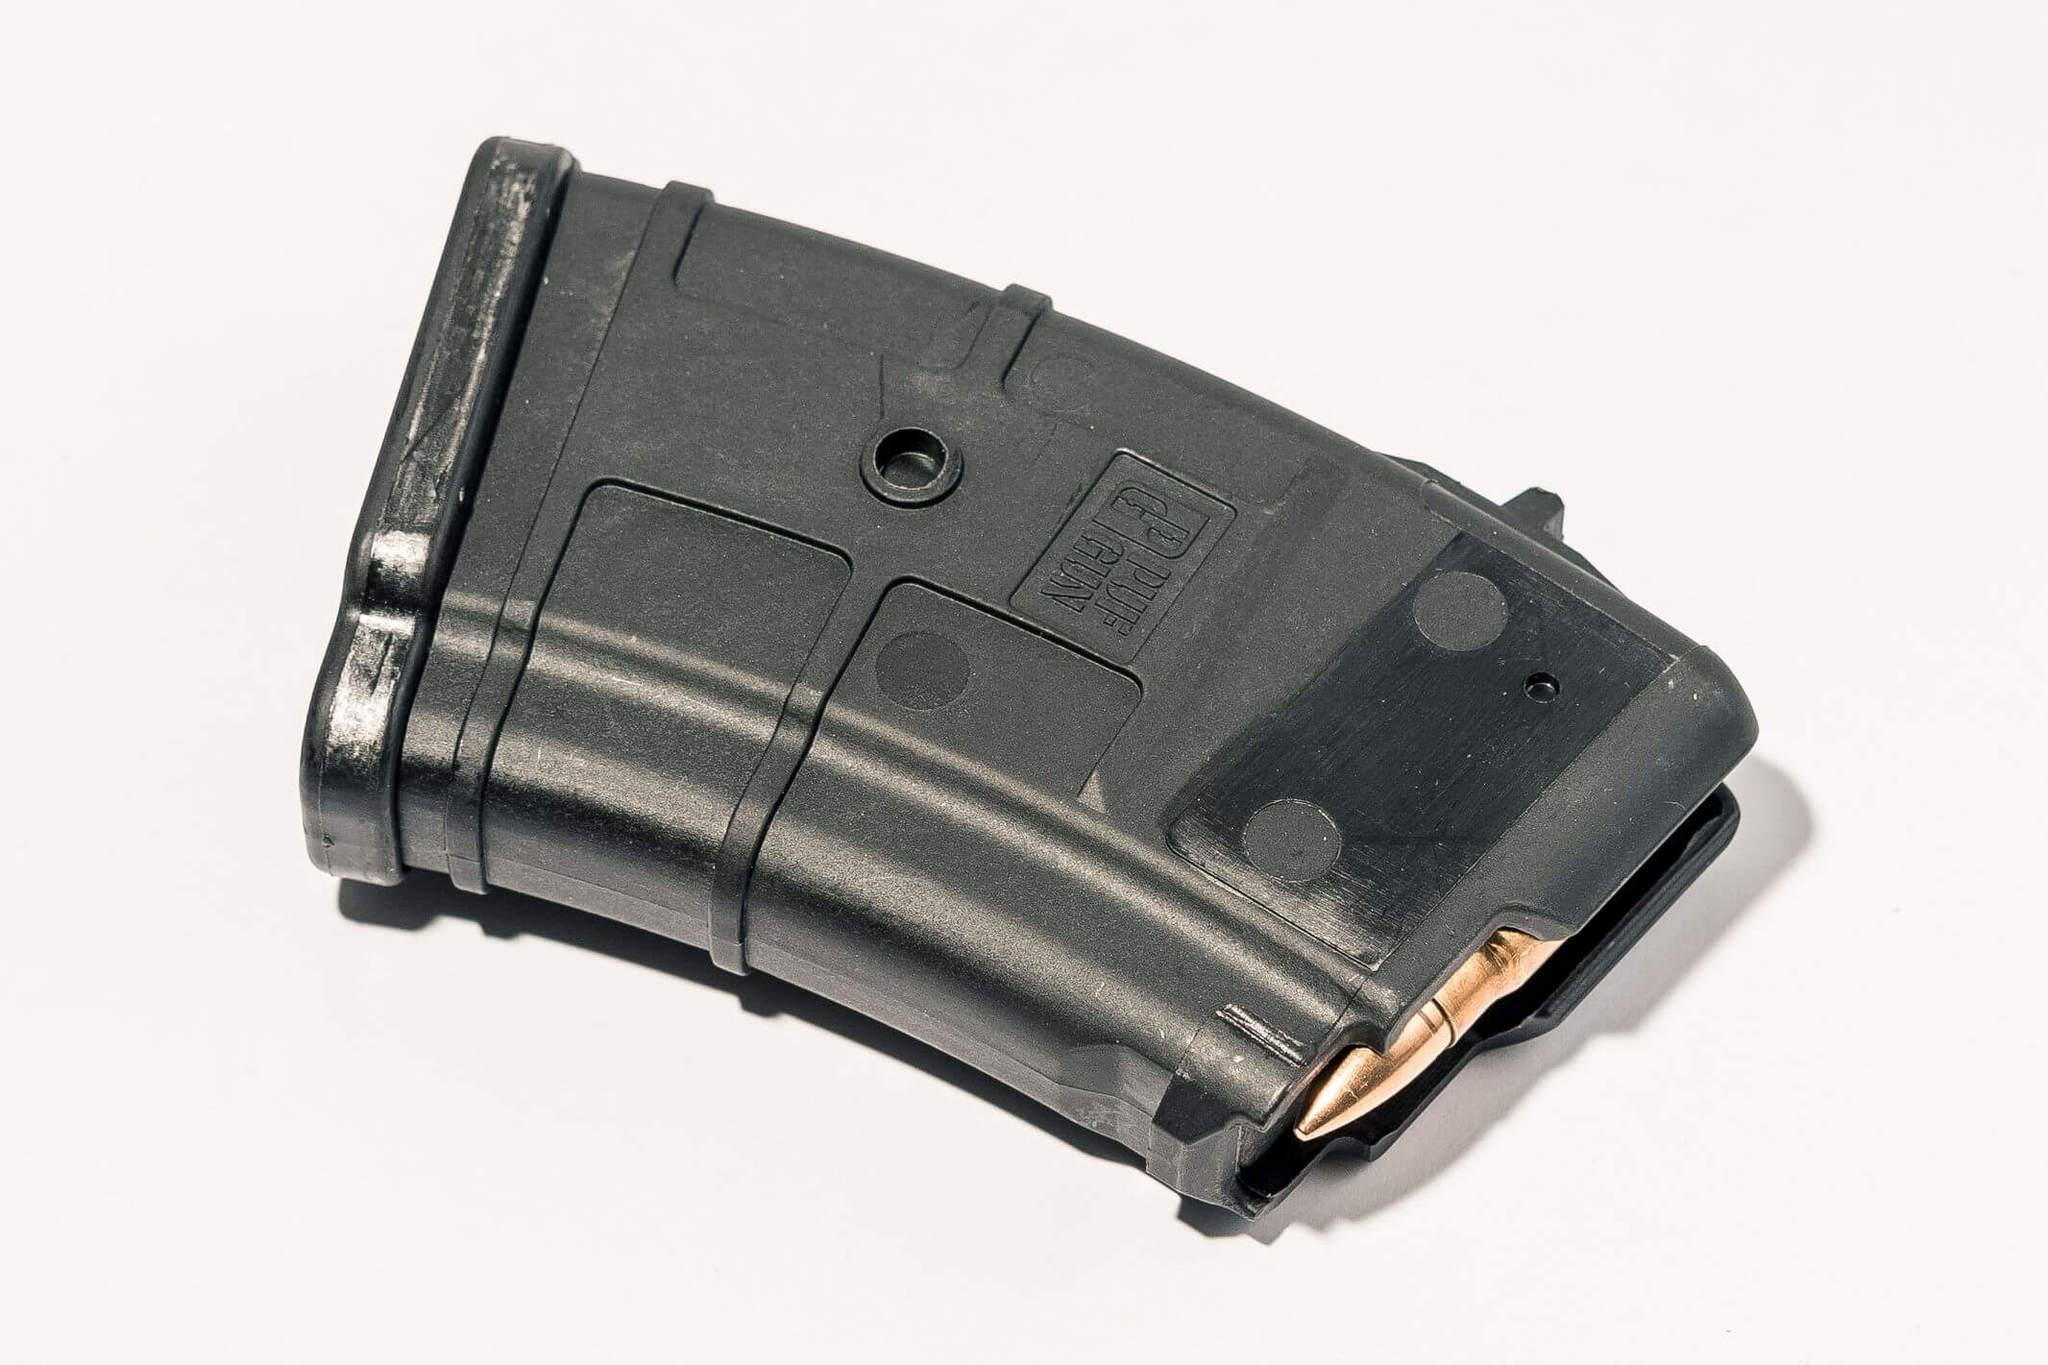 Магазин Pufgun для АКМ (7.62x39) ВПО-136 ВПО-209 на 10 Gen2, черный